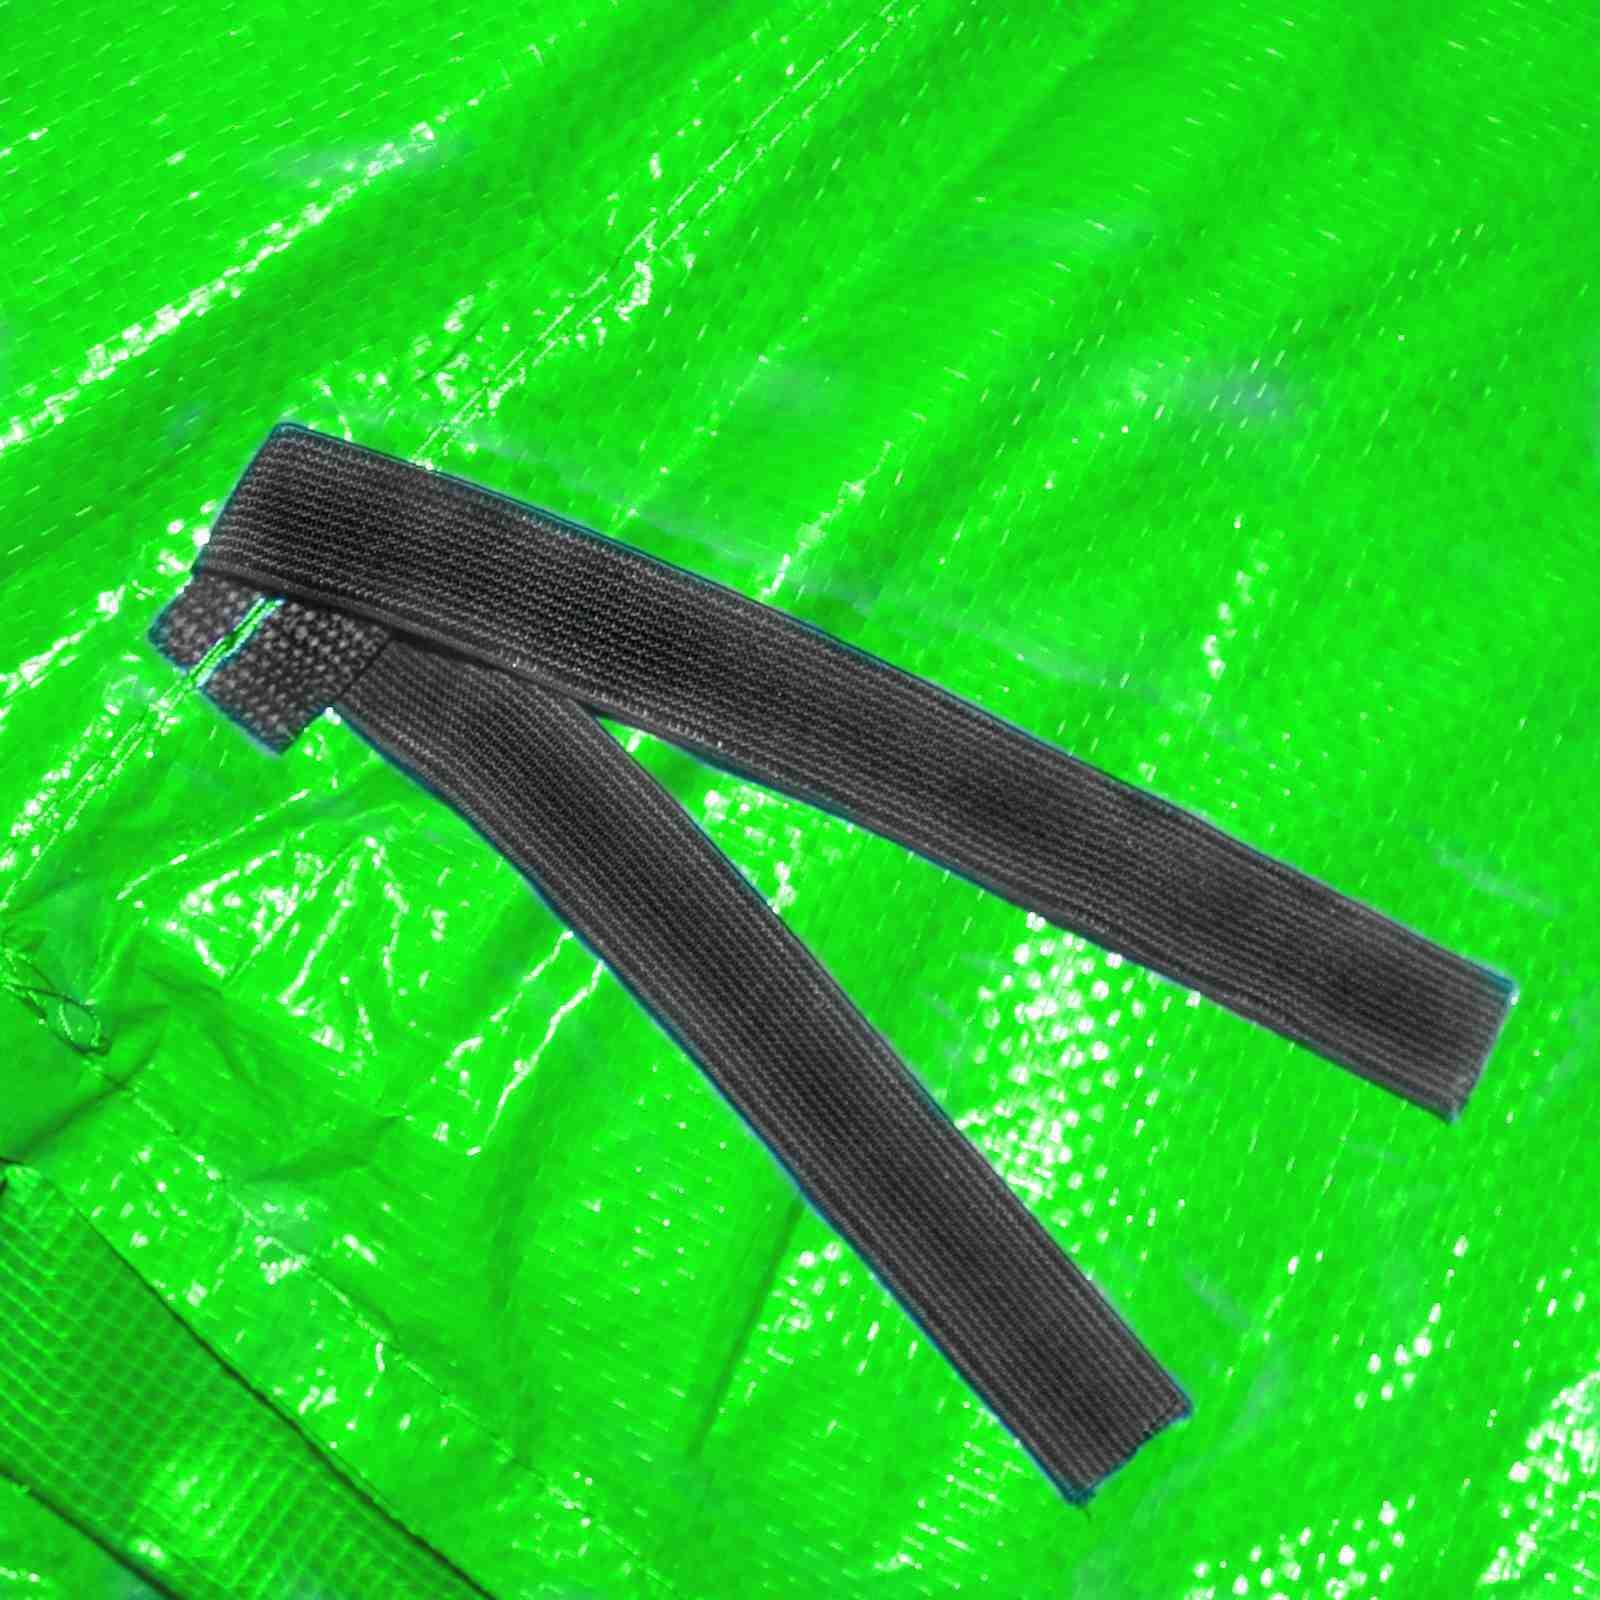 Randabdeckung Randpolsterung Abdeckung Abdeckung Abdeckung in hellgrün für Trampolin 487 bis 490 cm 3bdf9d